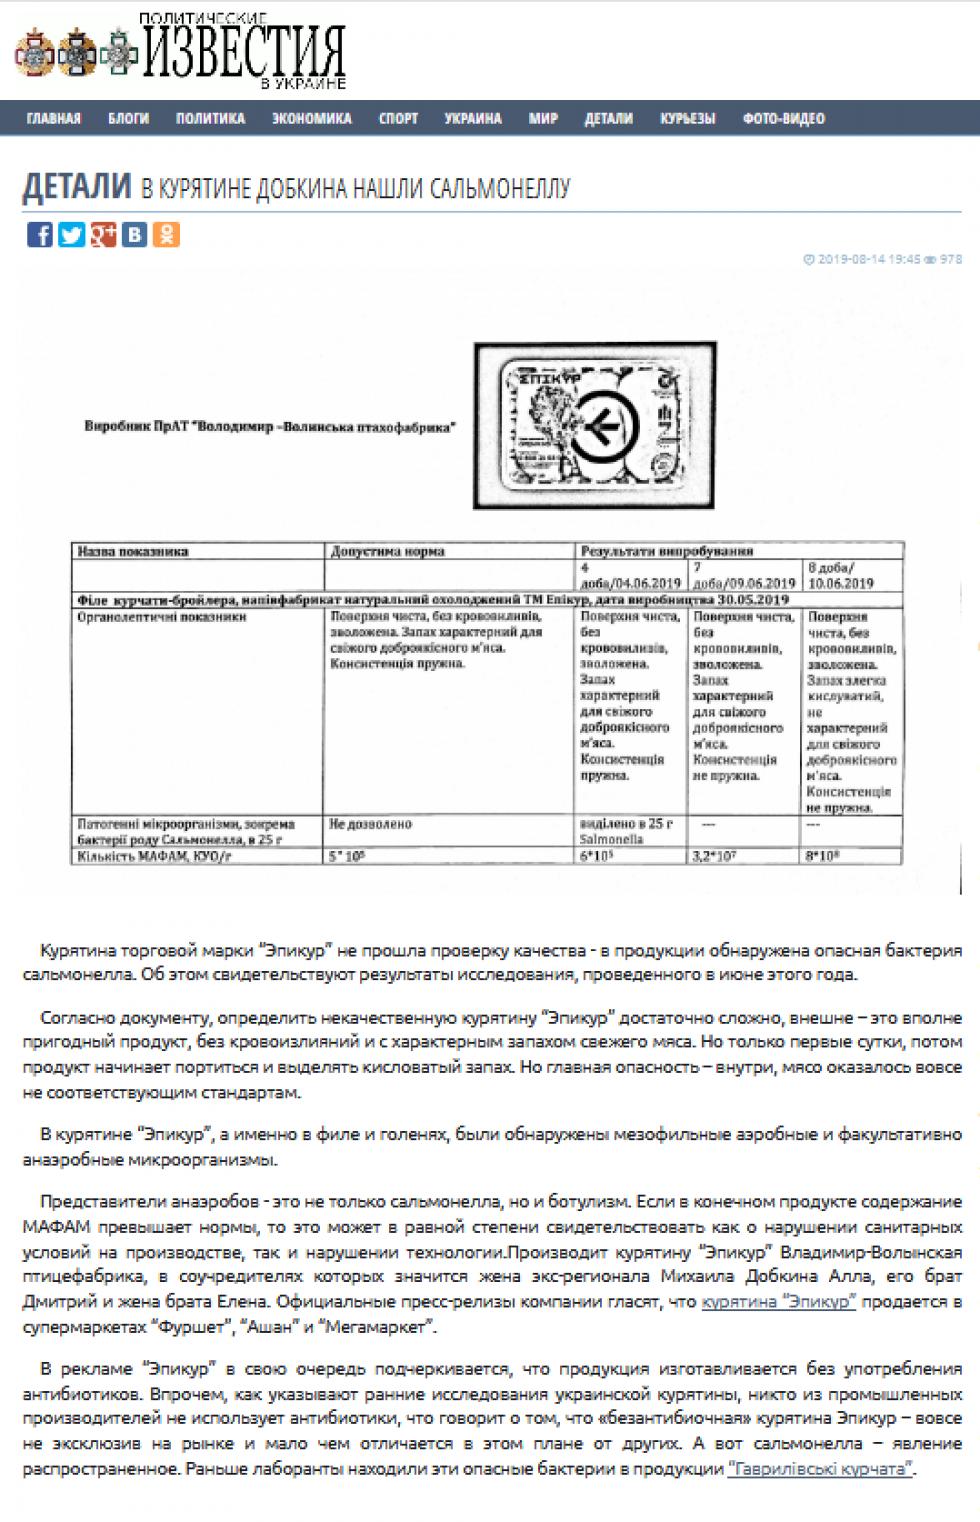 Повідомлення на невідомому інтернет-ресурсі з фальшивими документами про експертизу